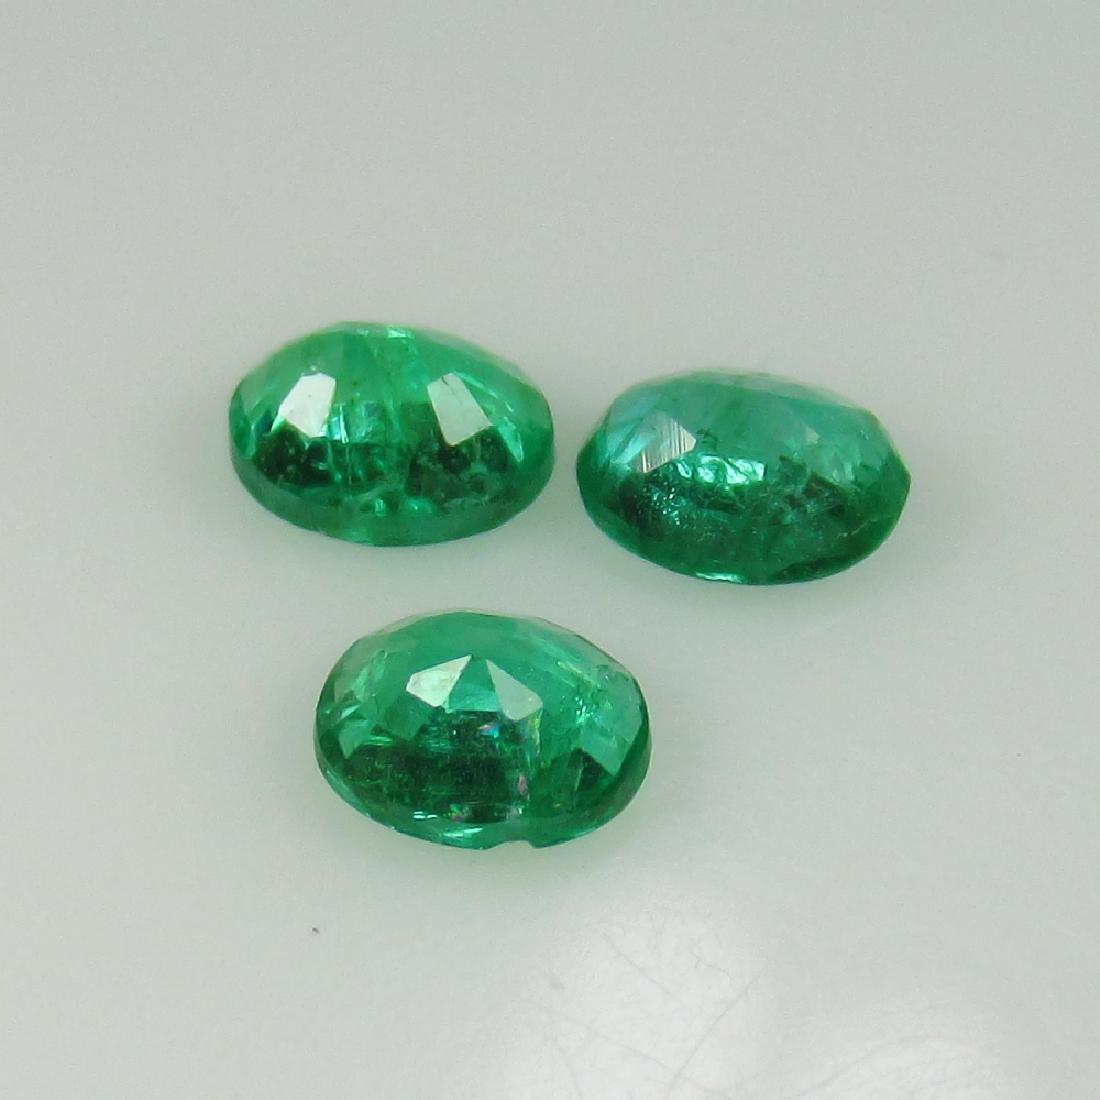 0.70 Ct Genuine Zambian Emerald Matching Oval Set - 2